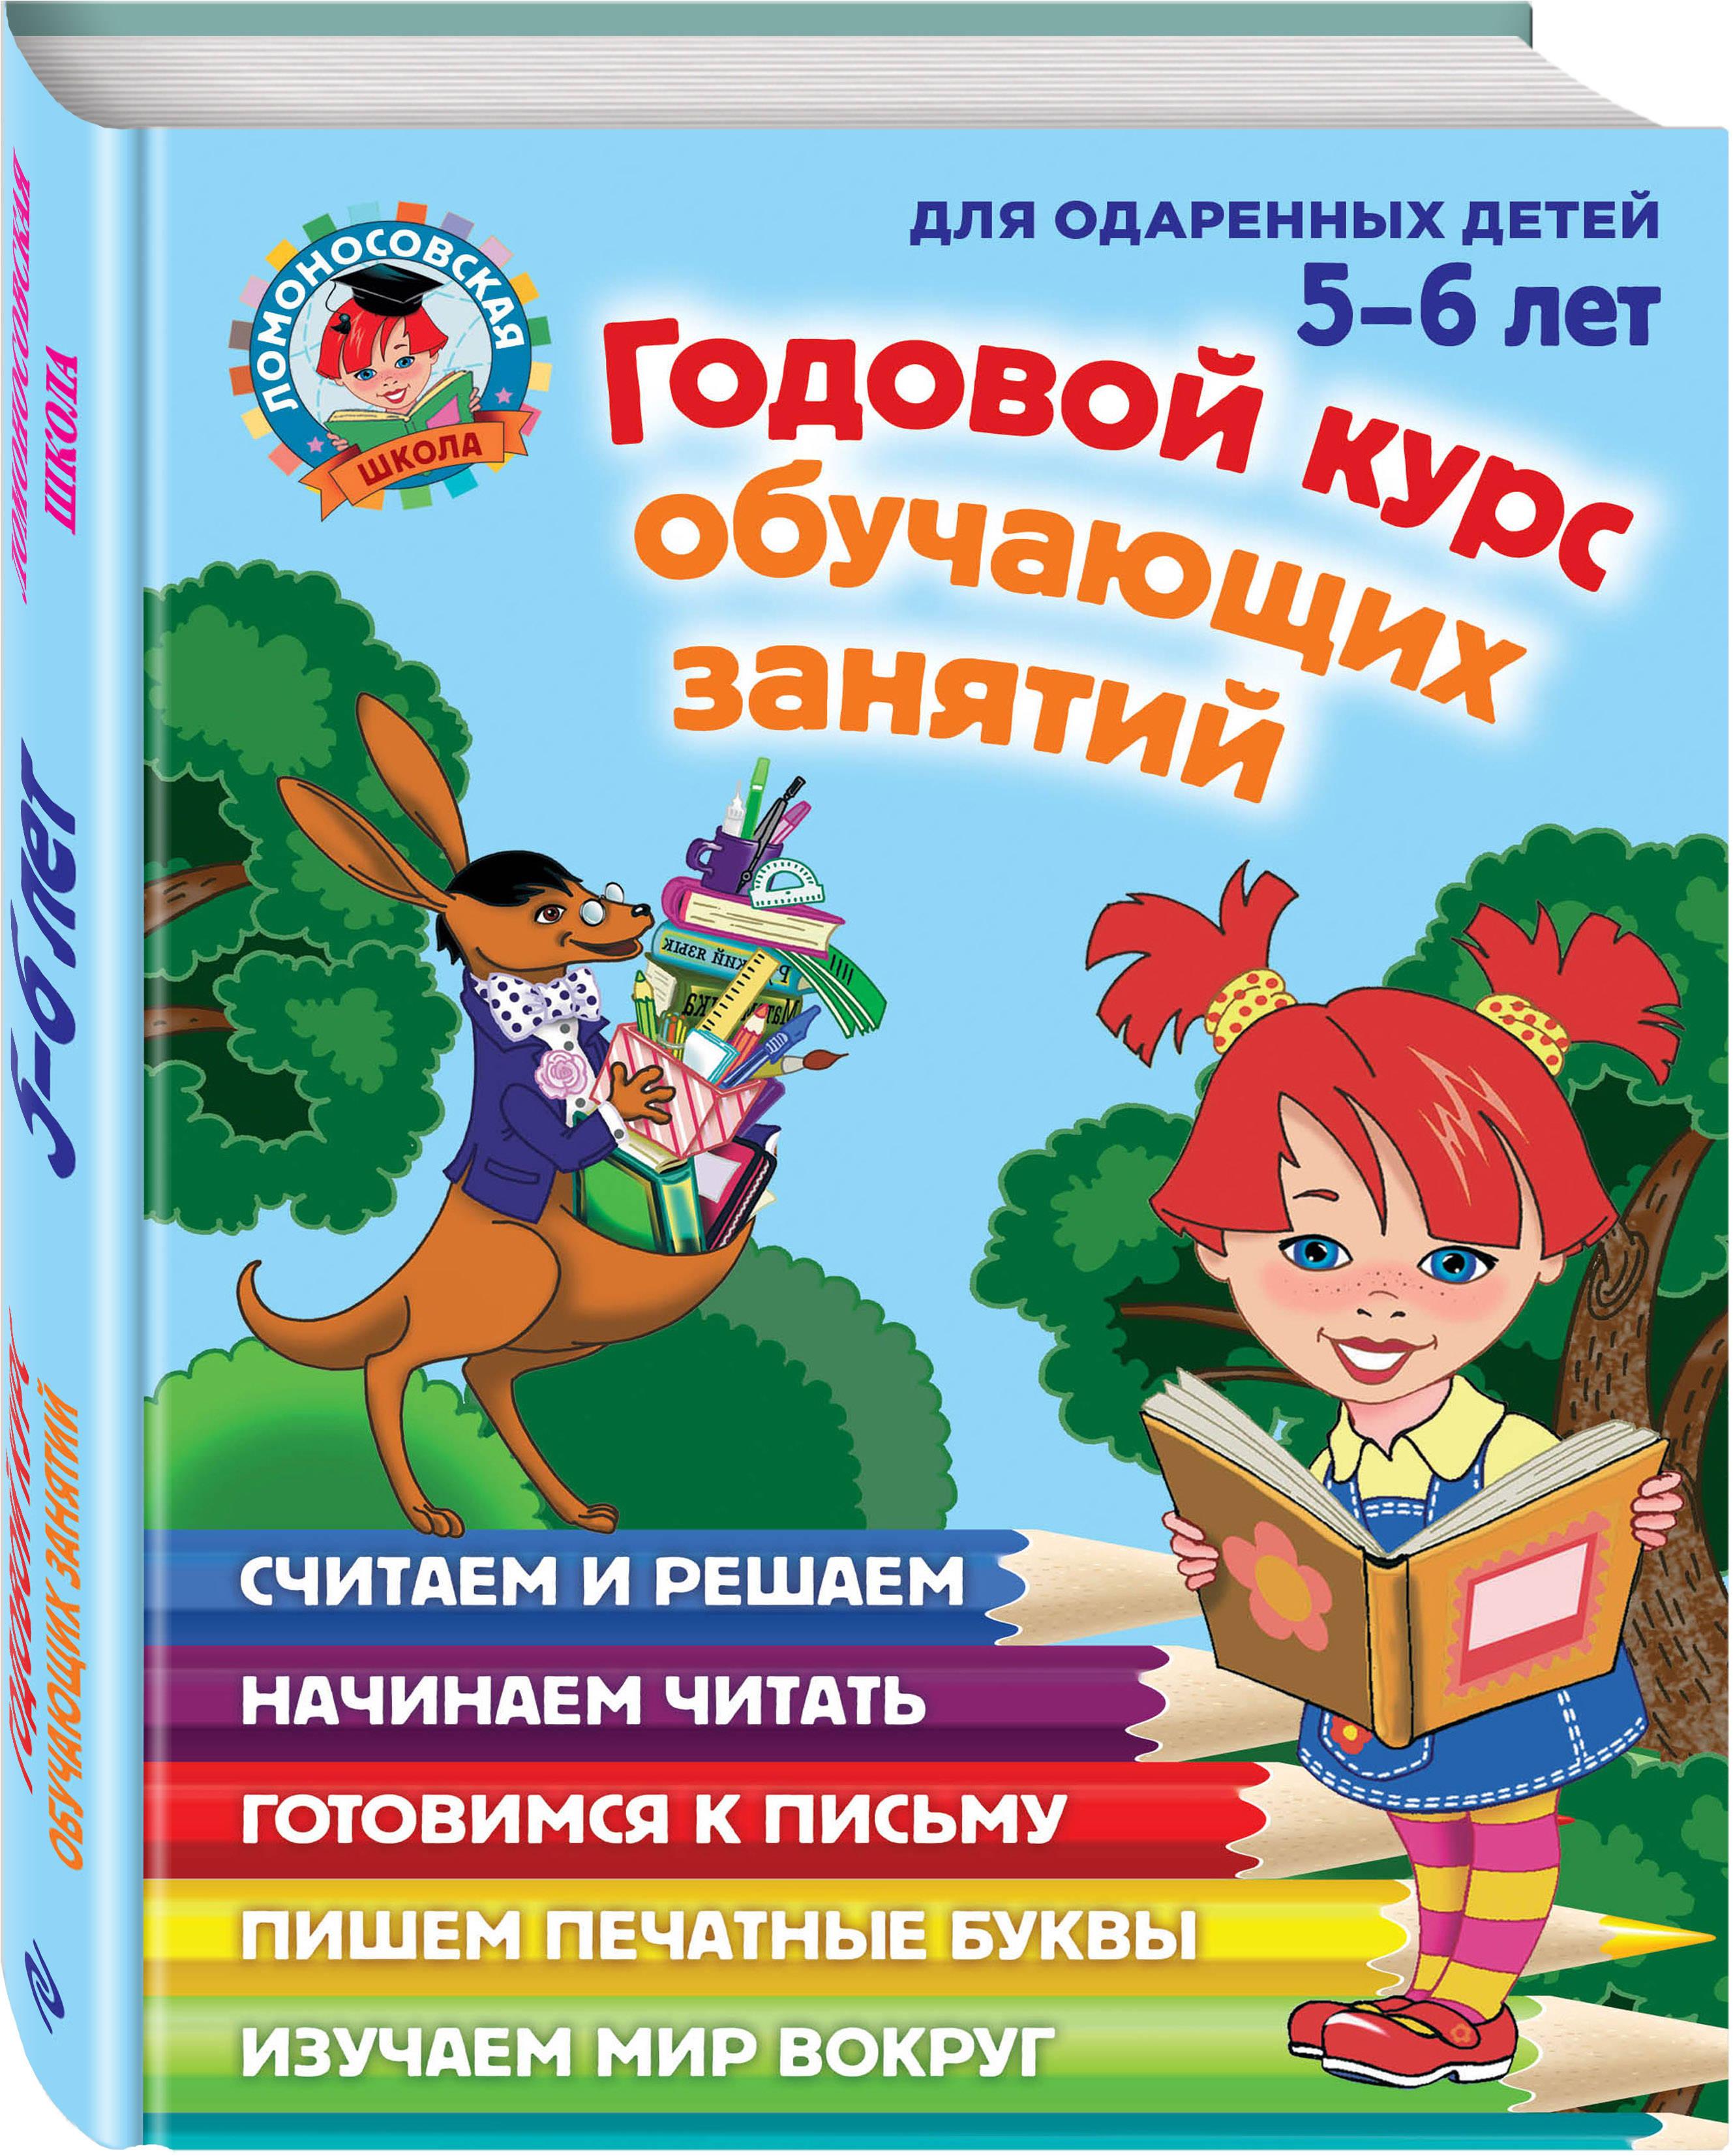 Купить Годовой курс обучающих занятий. Для детей 5-6 лет, Эксмо, Книги по обучению и развитию детей